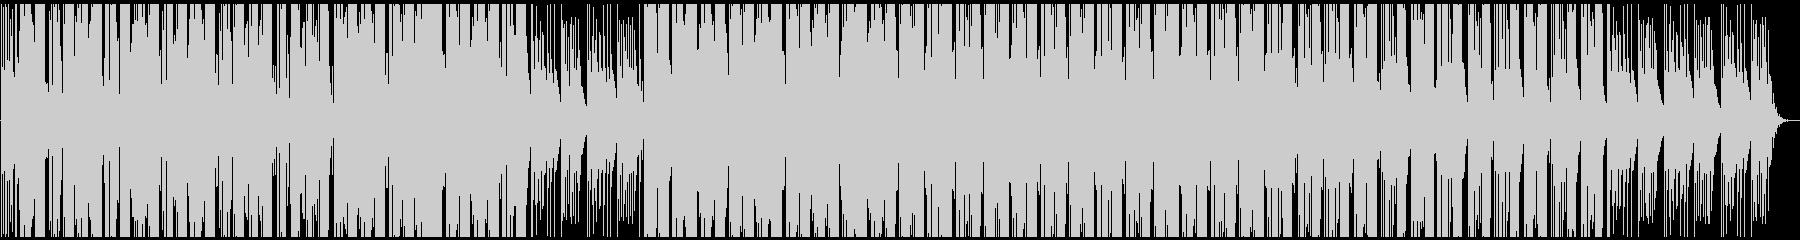 和風お琴の音 シンセ系のリズムを取り入れの未再生の波形